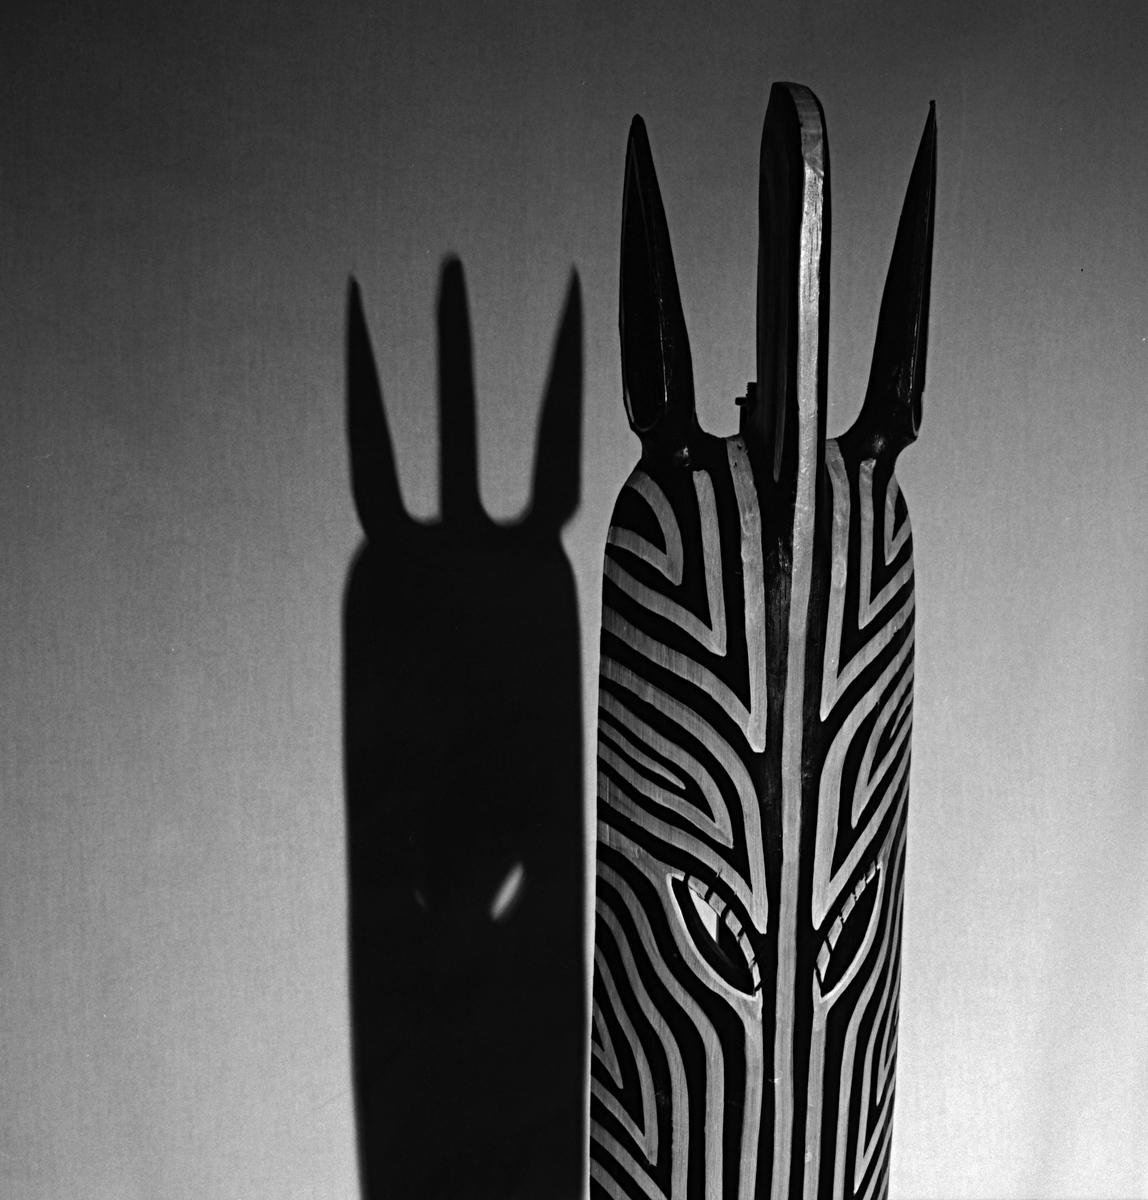 Mean Zebra<br /> 2007